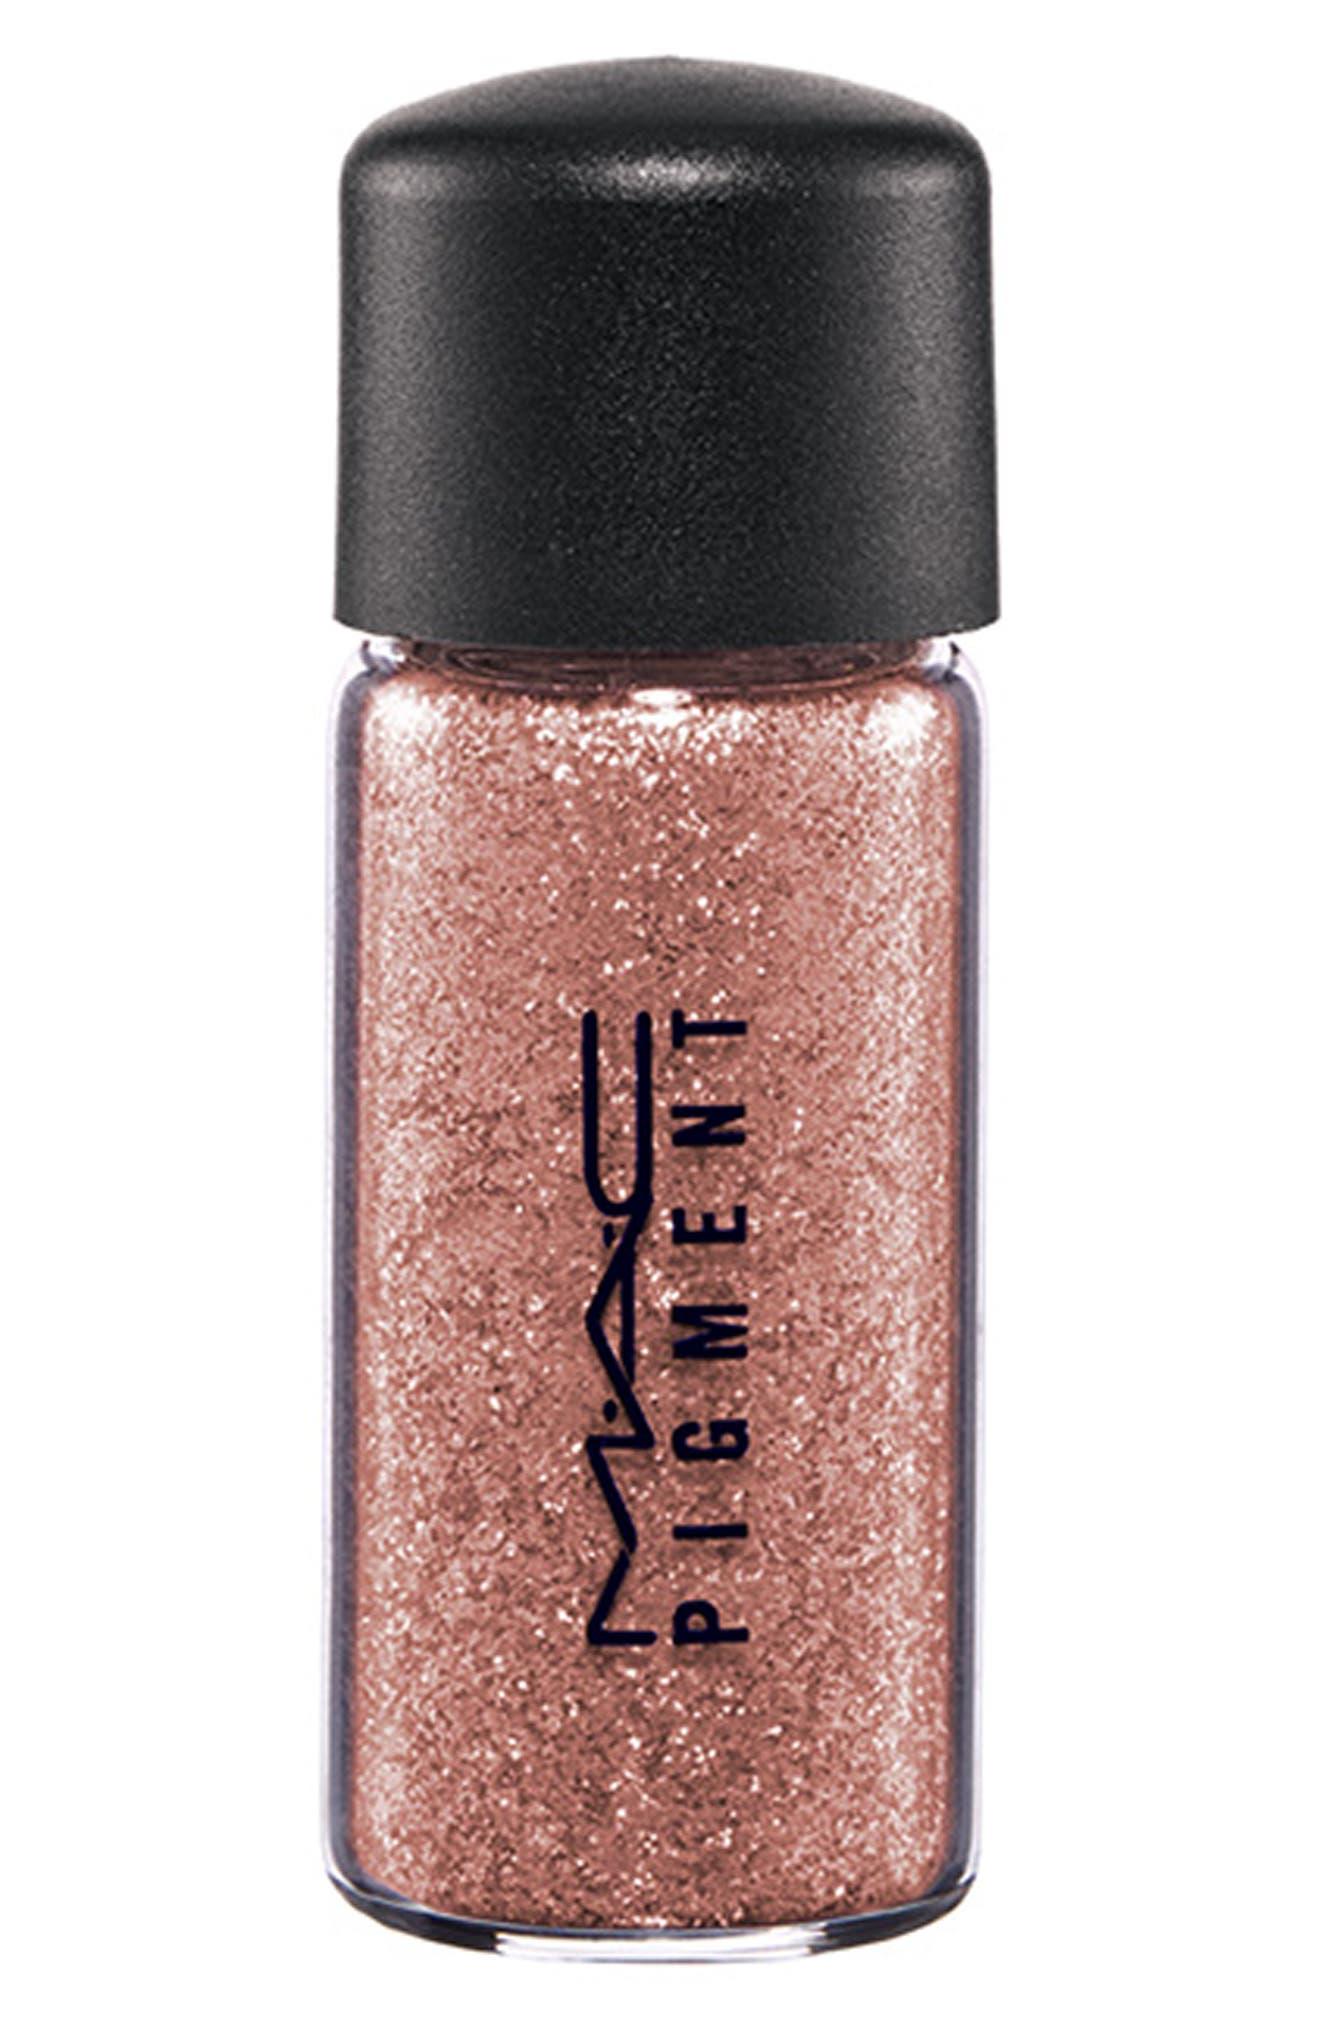 MAC Mini MAC Pigment Loose Color Powder